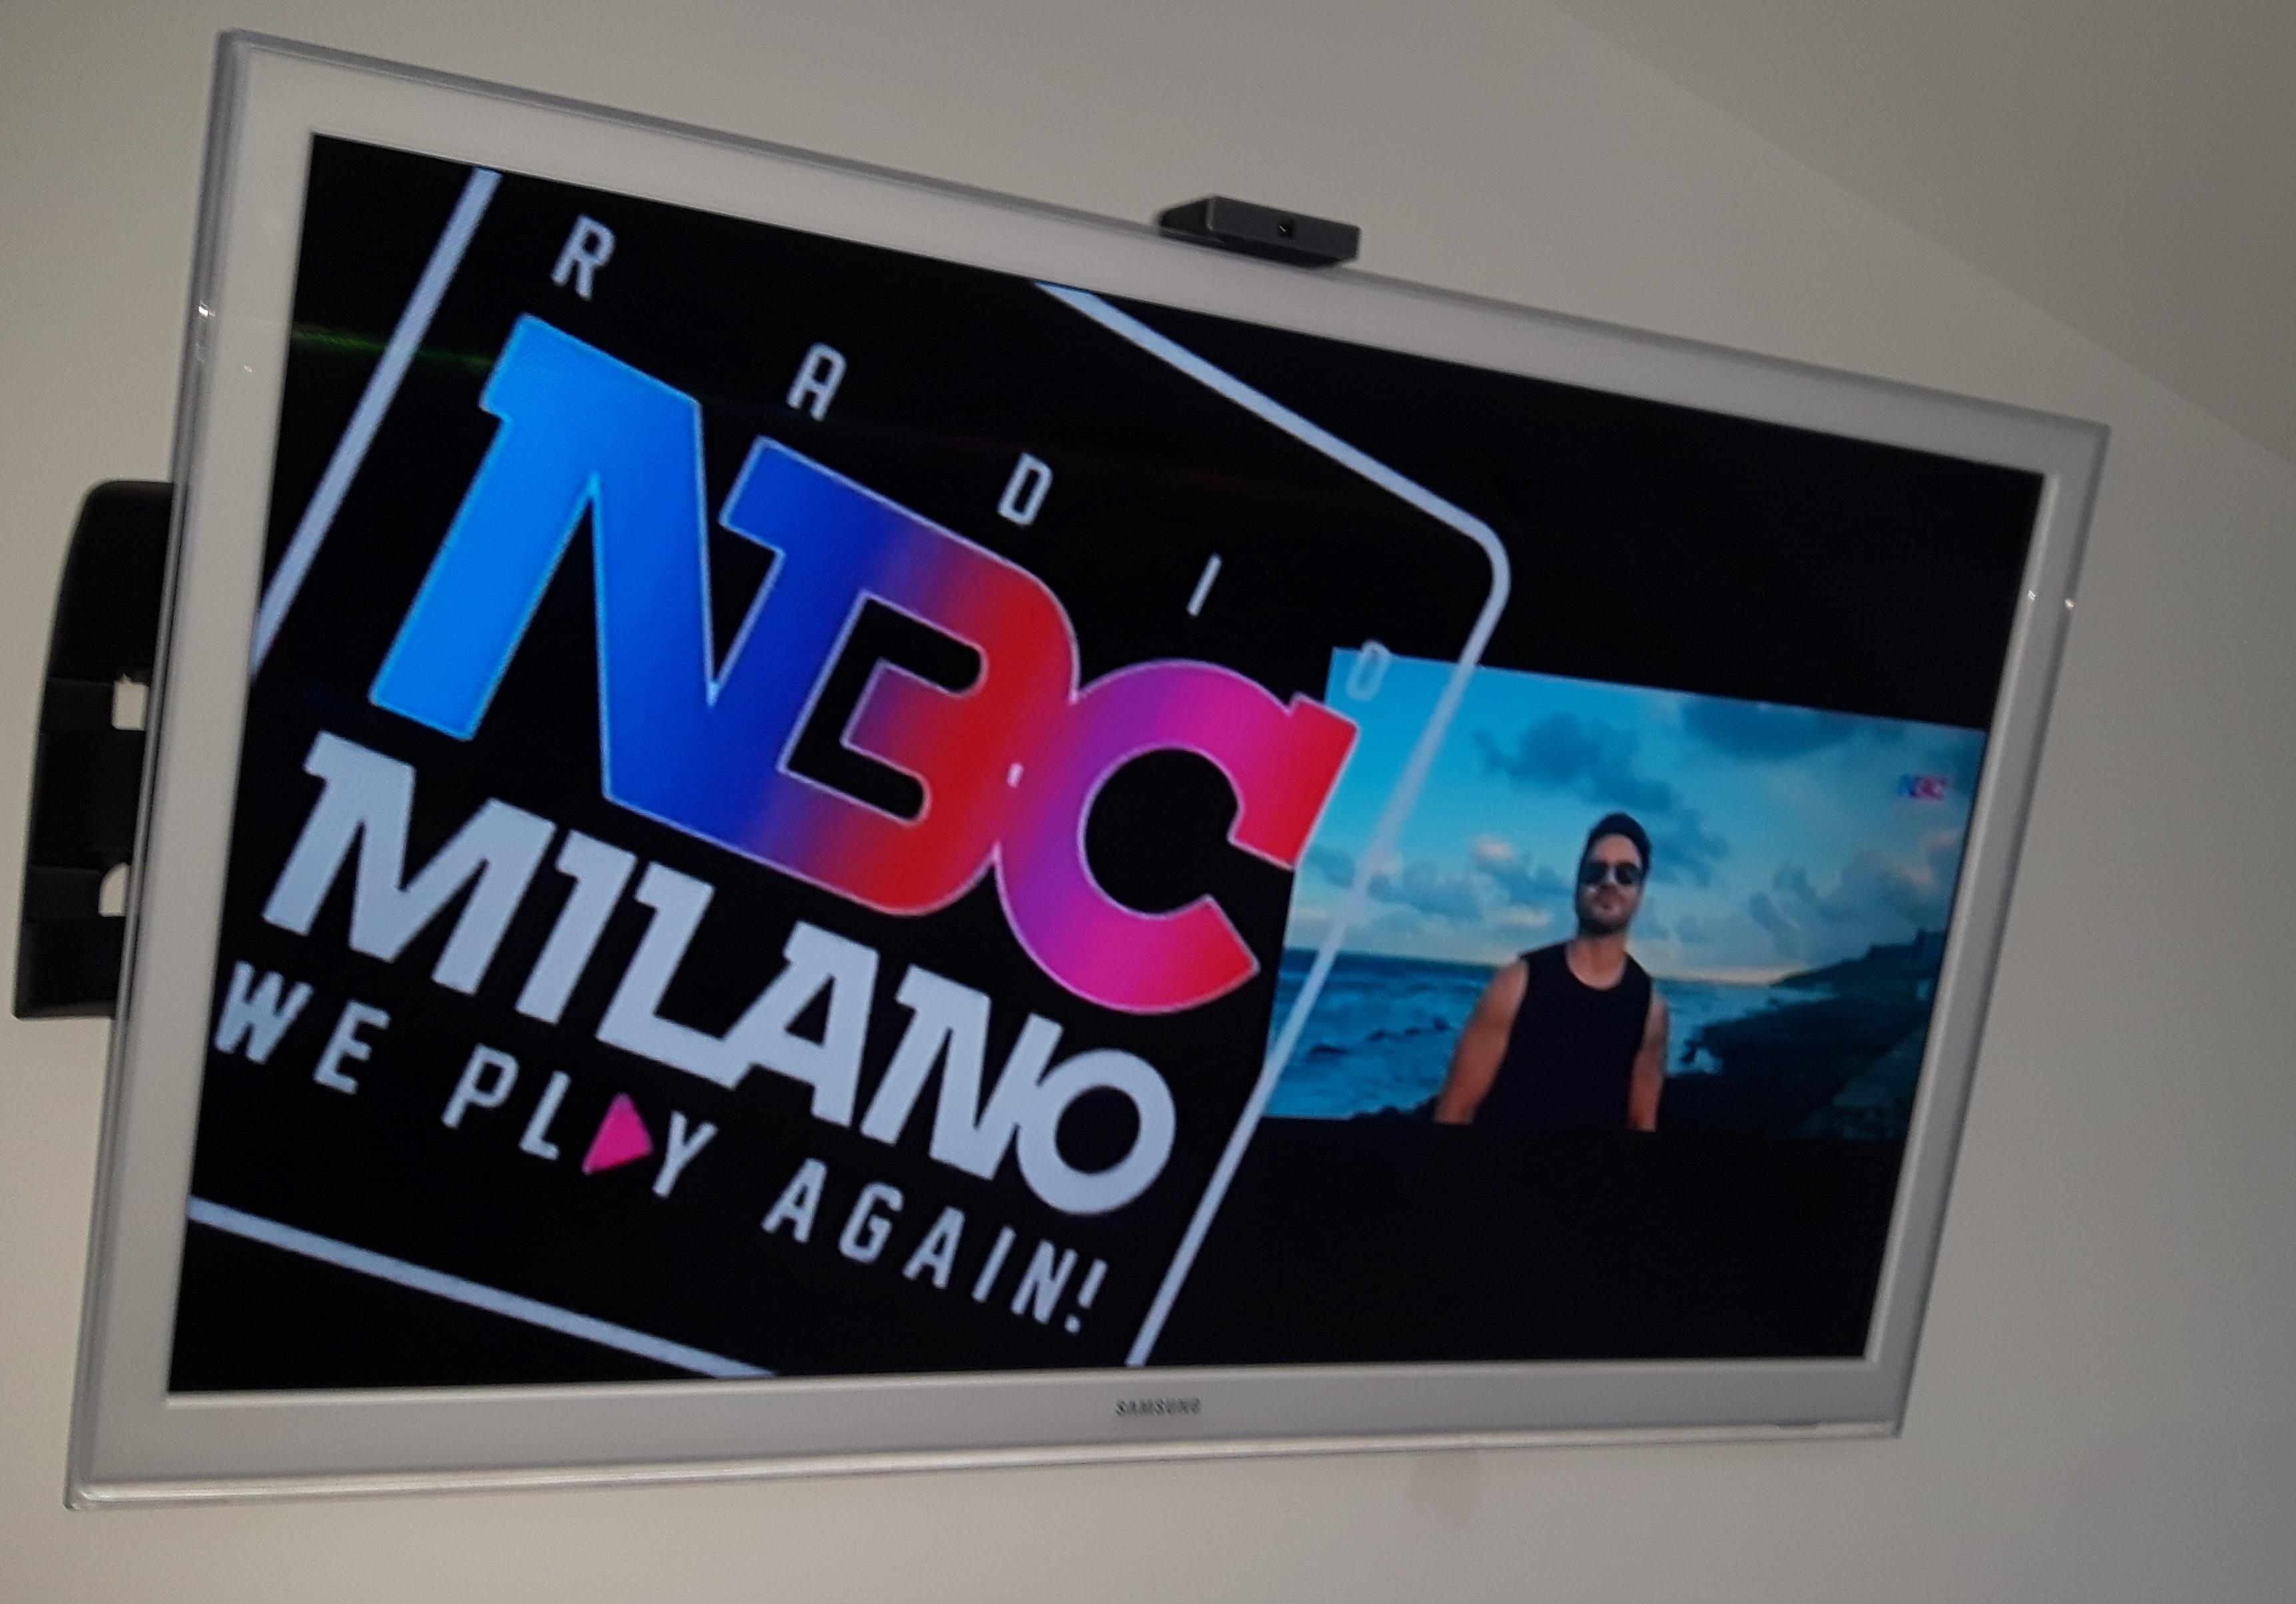 NBC Milano audiografica - Radio 4.0. Come rendere la propria emittente multipiattaforma attraverso i voucher ex dd Mise 24/10/2017